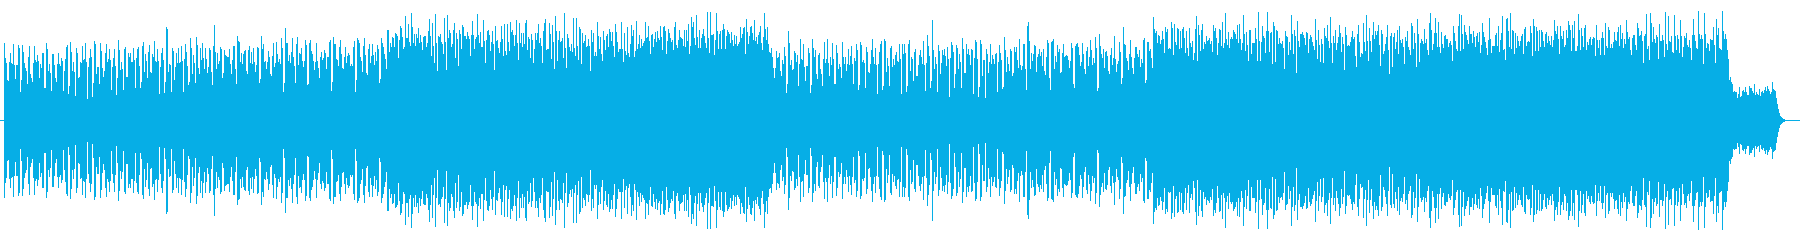 レース・ゲーム・競争・CMの再生済みの波形